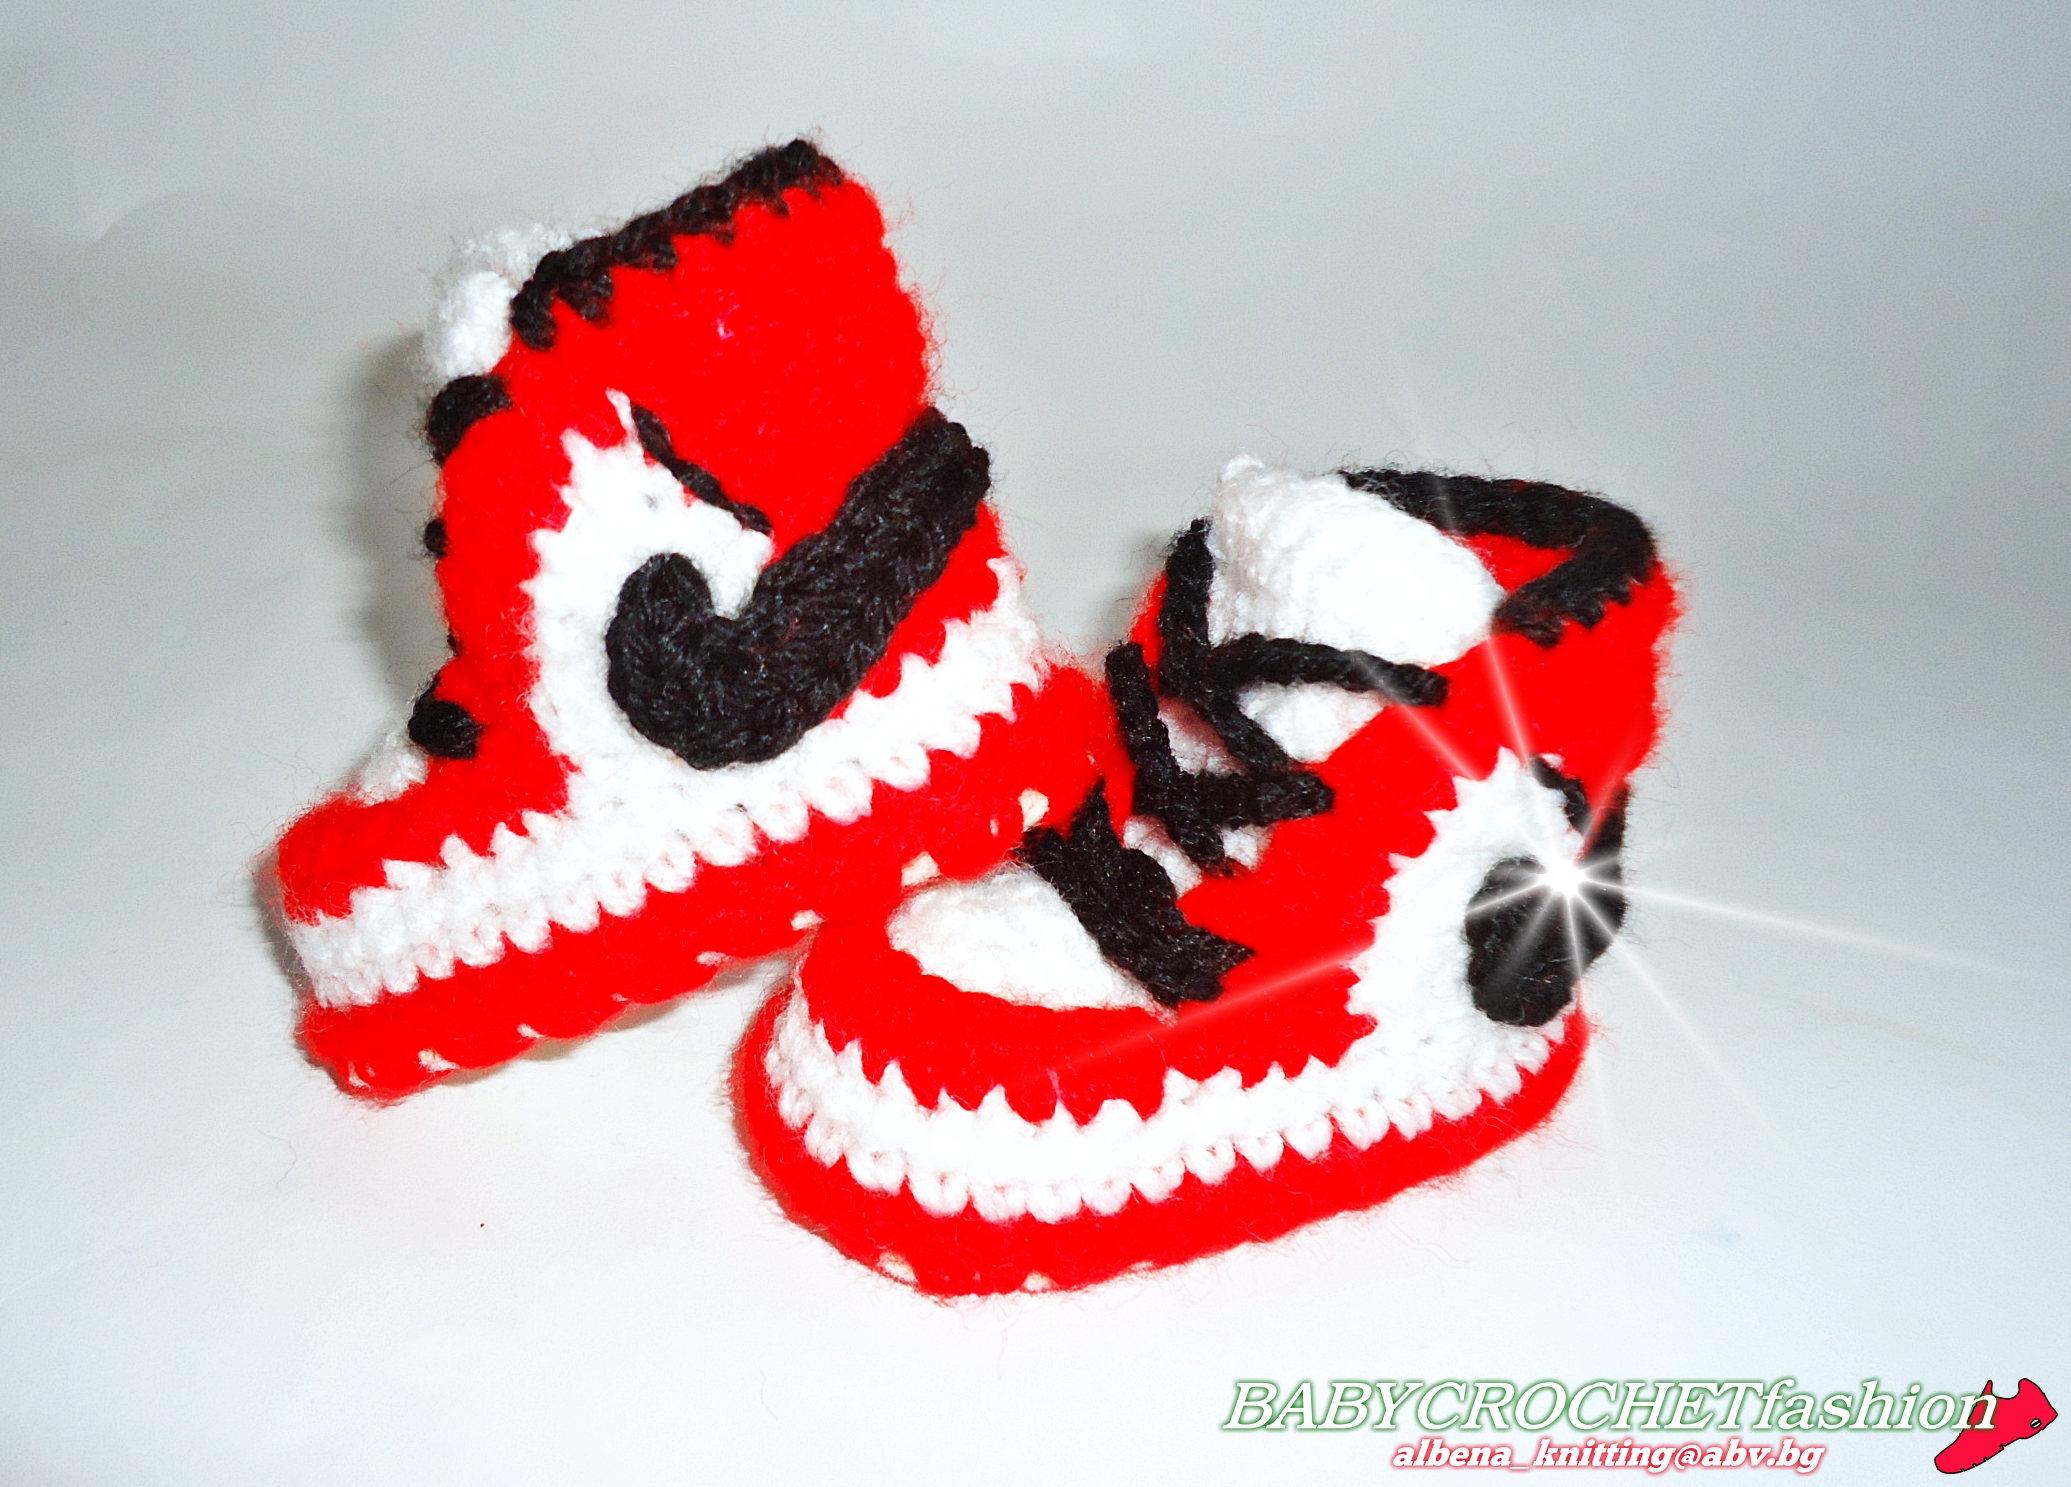 Air Jordan 1, Baby Air Jordan Shoes, Baby Booties, Crochet Baby Shoes, Newborn Air Jordan 1, Baby Crochet Shoes, Red Baby Jordan Shoes